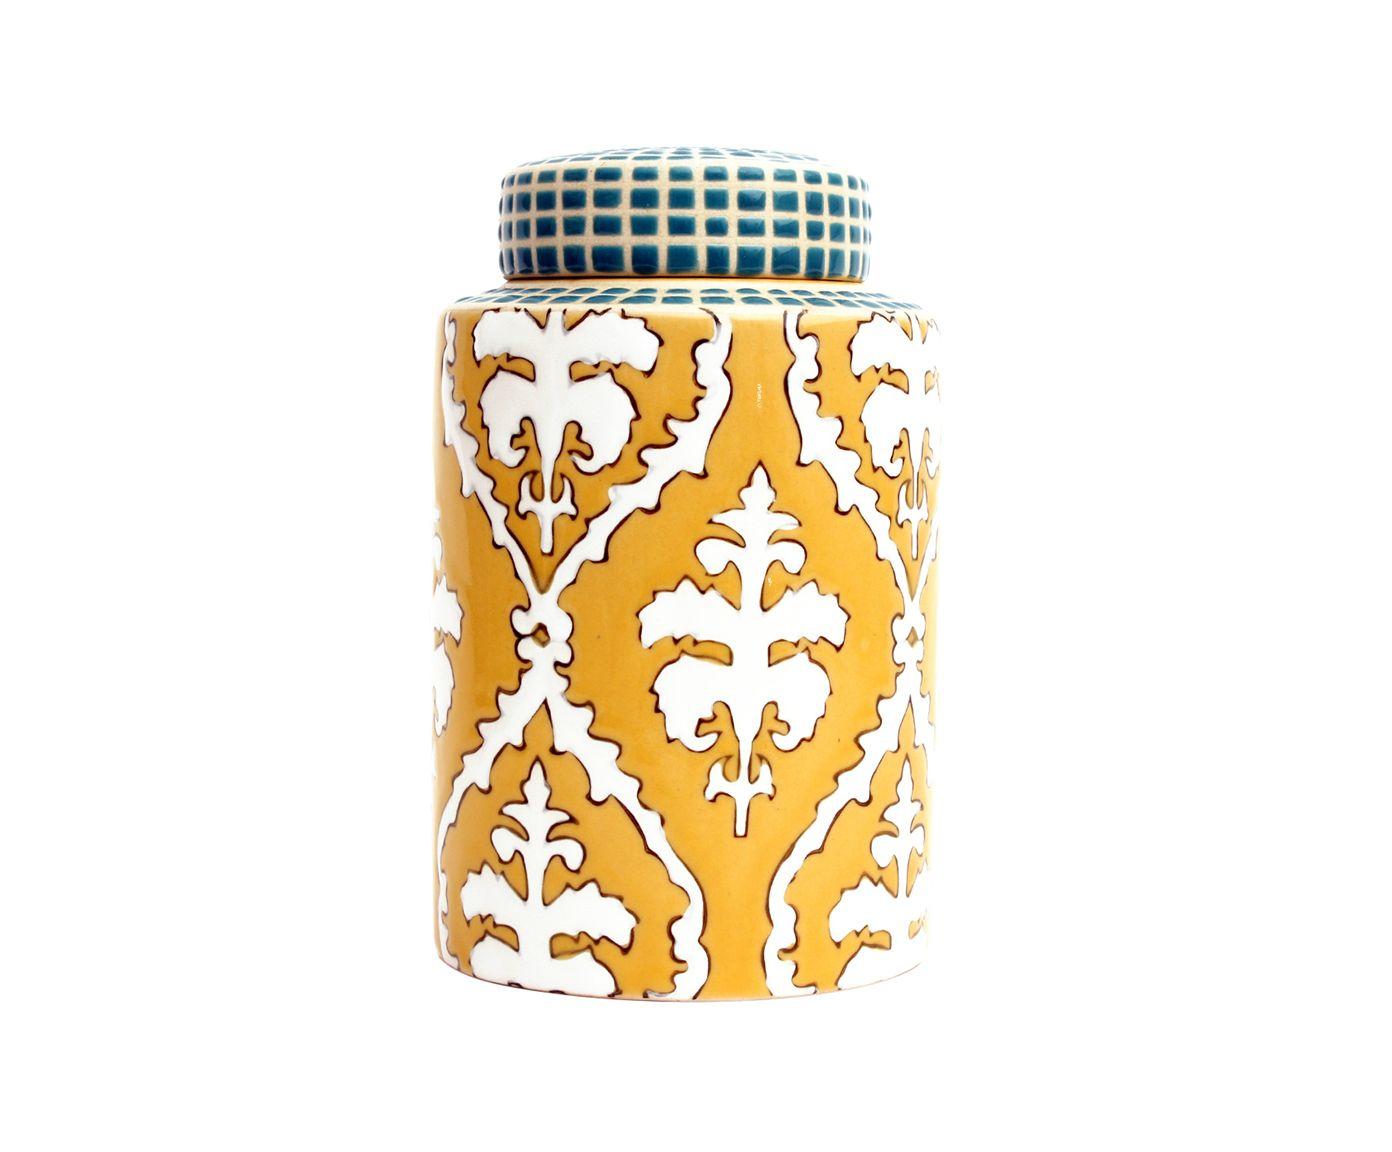 Pote Decorativo em Porcelana Flor de Lis | Westwing.com.br